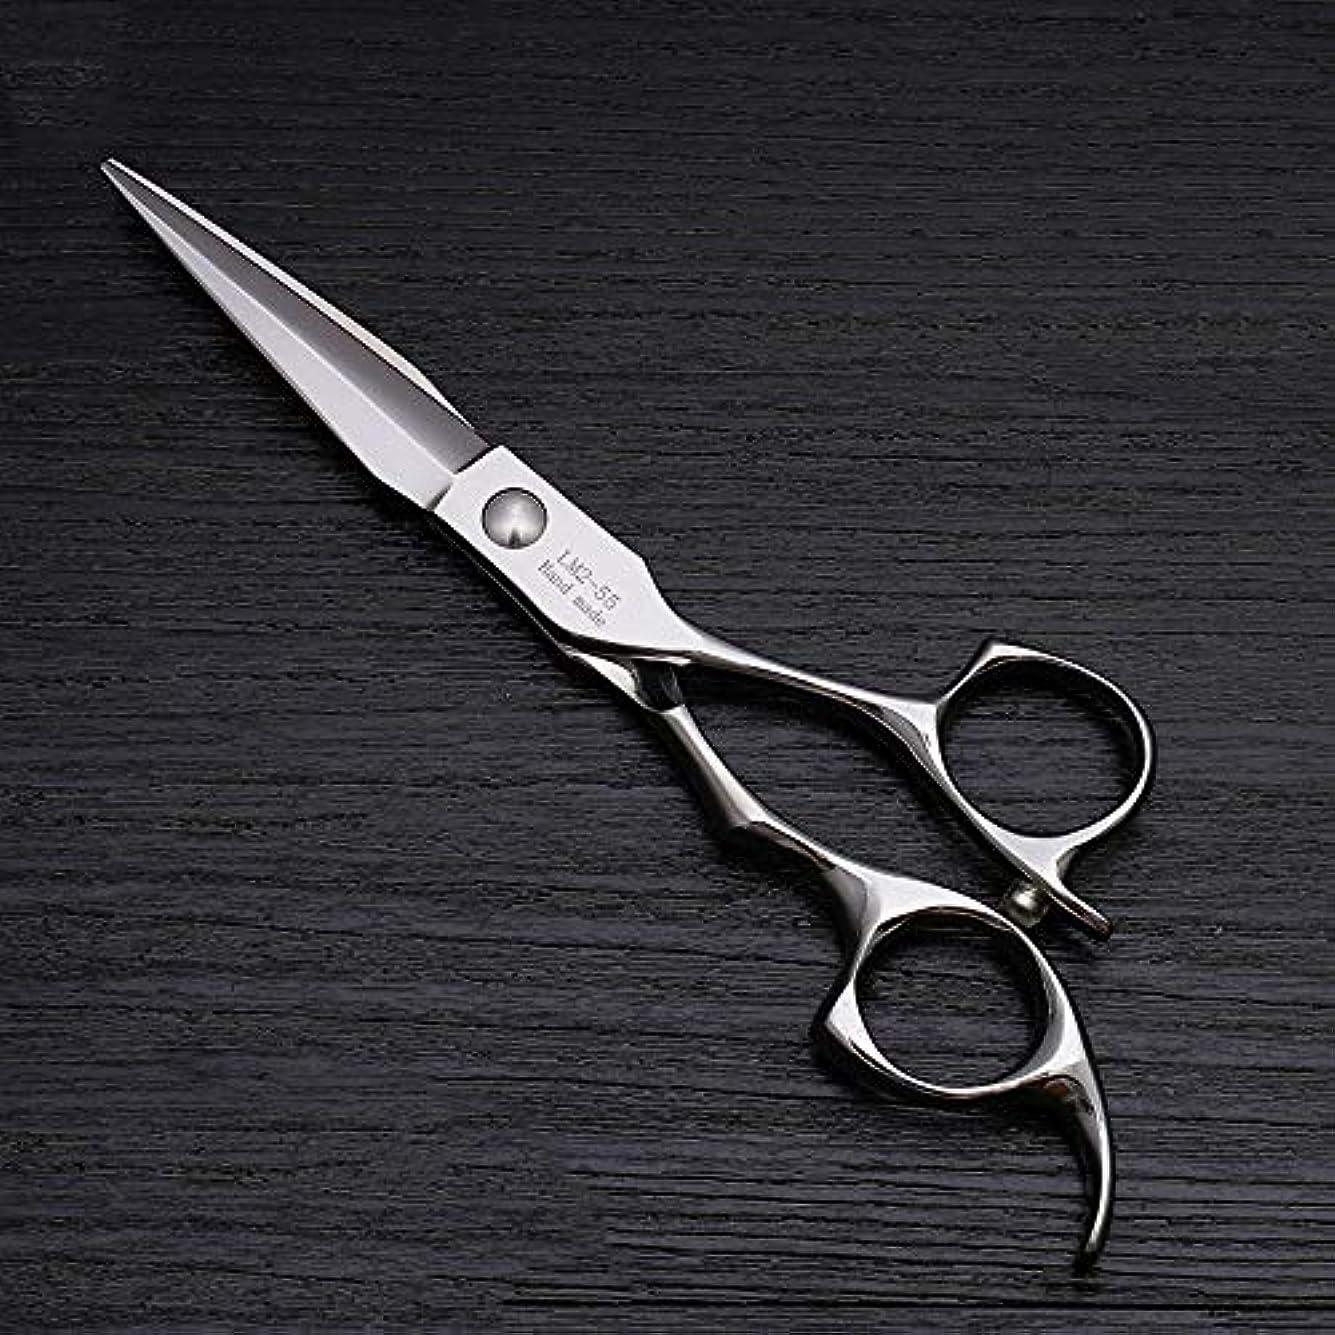 武装解除カリングステレオタイプ5.5インチの美容院のステンレス鋼の毛のCutting専門家用具 モデリングツール (色 : Silver)